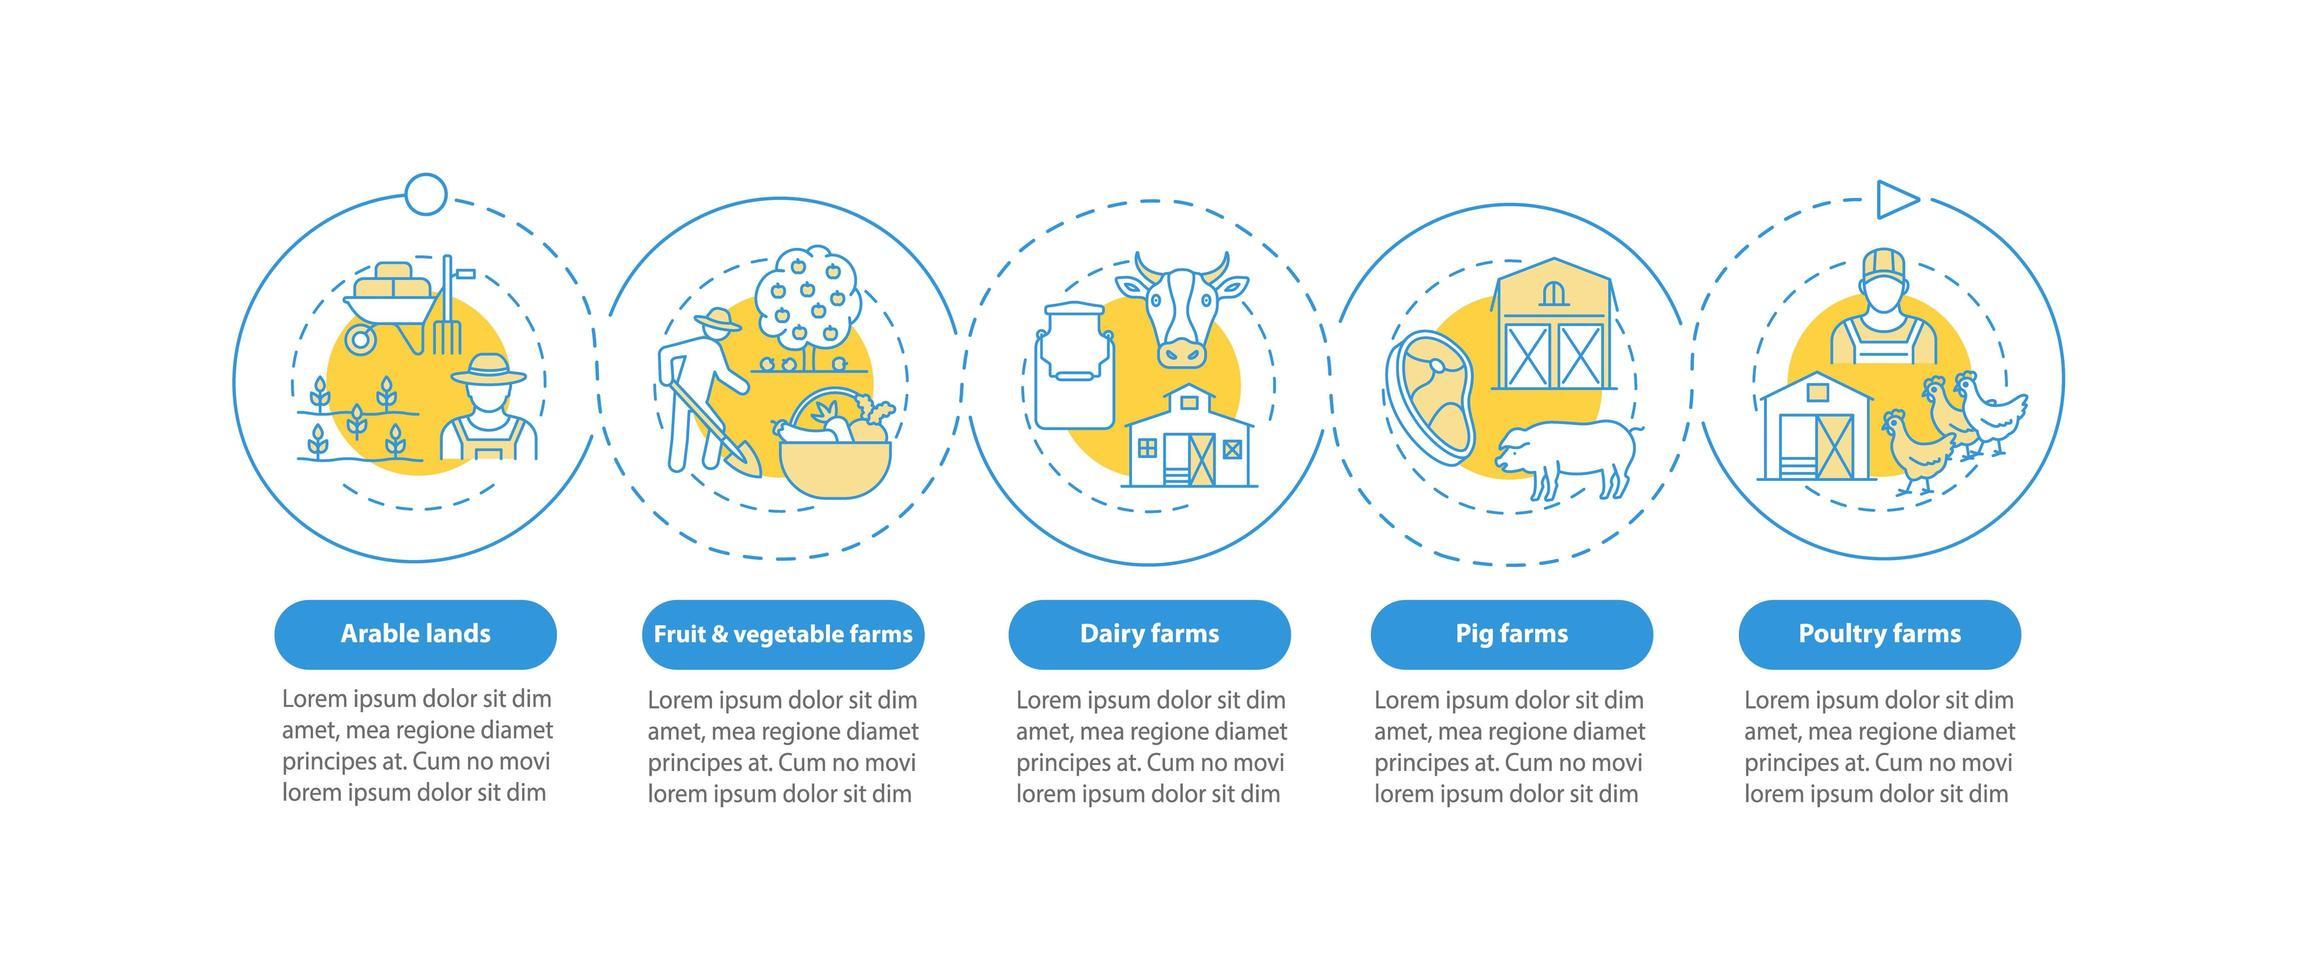 Vektor-Infografik-Vorlage für landwirtschaftliche Produktionstypen vektor